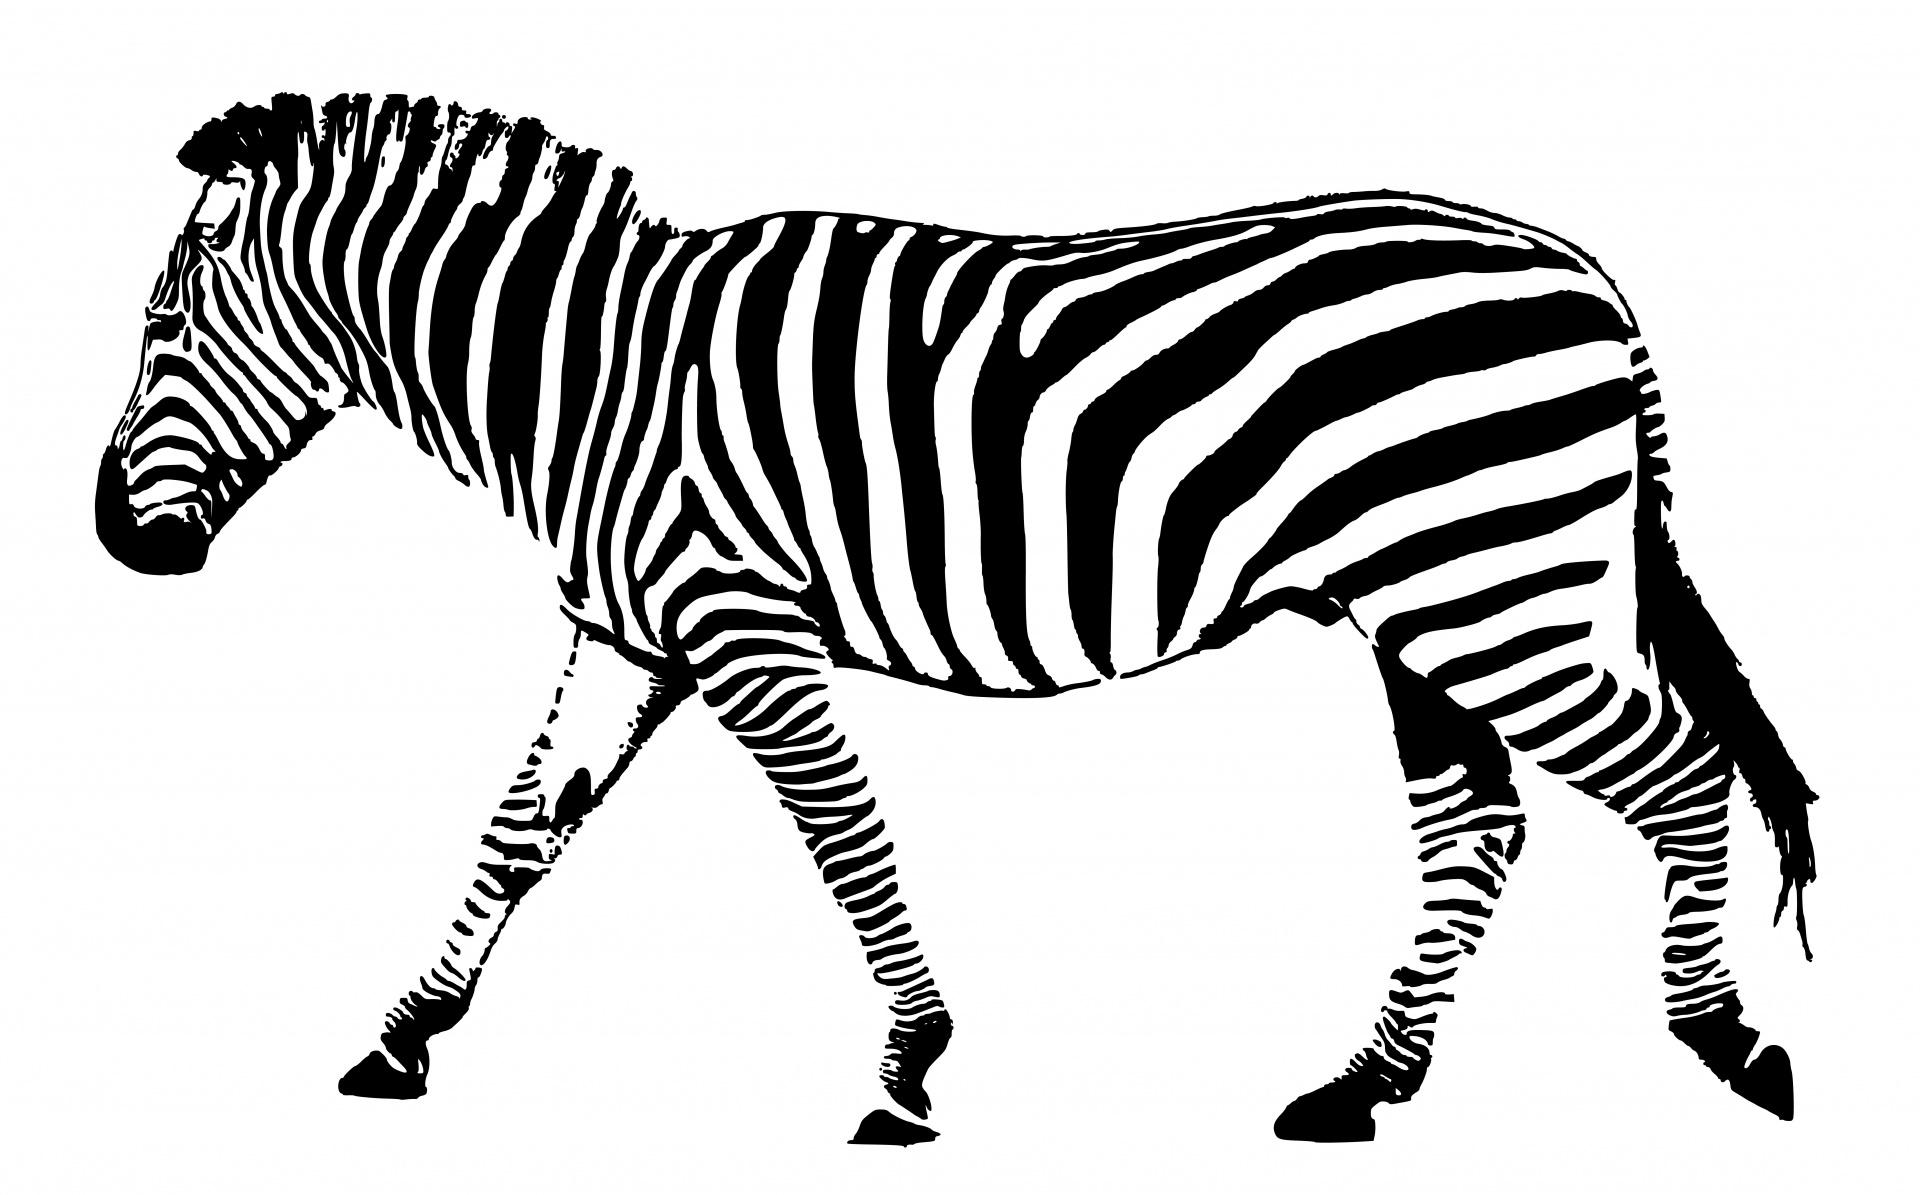 zebra-black-white-stripes